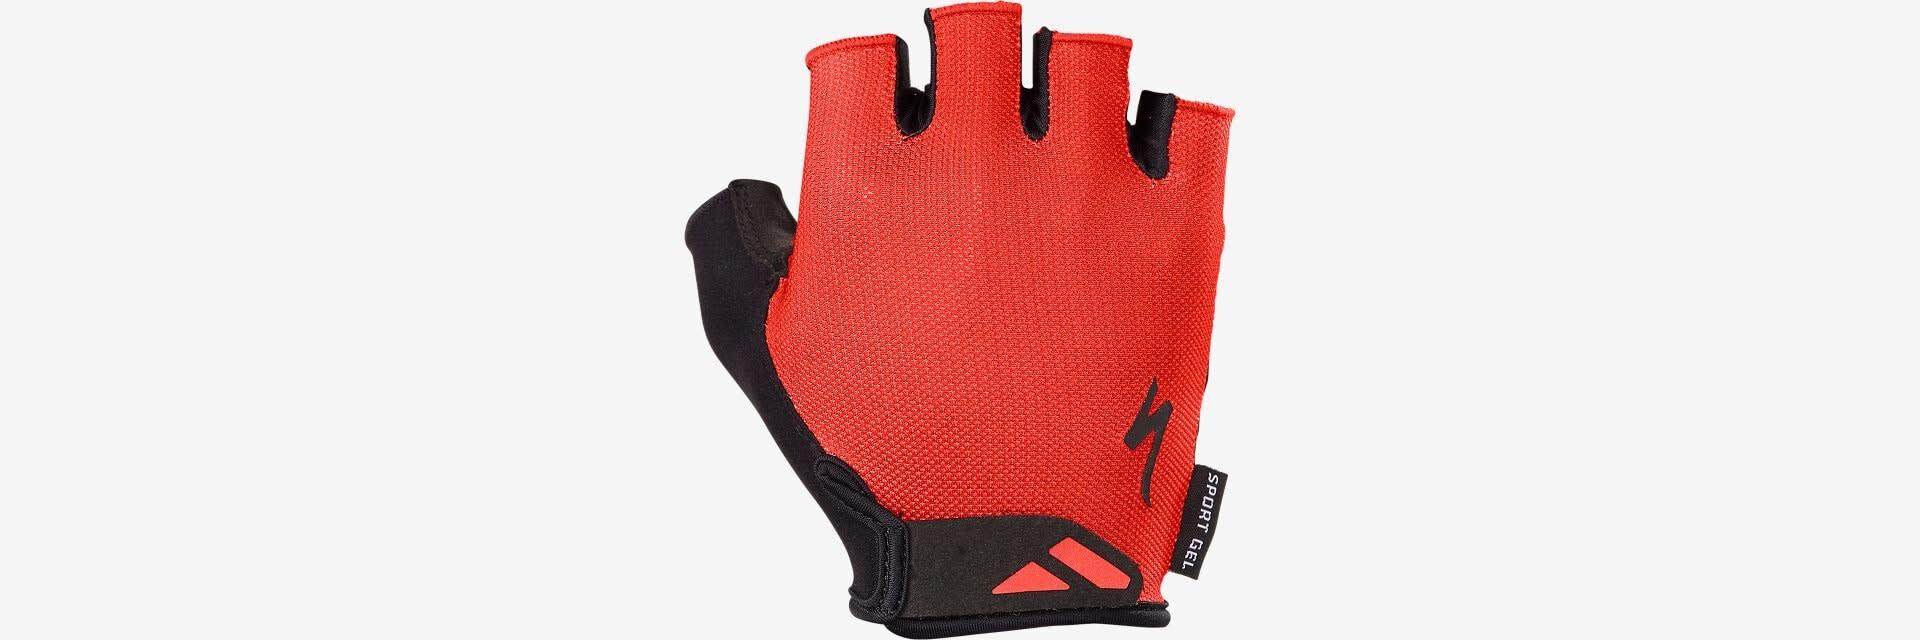 BG Gel Sport Short Finger - Assorted Colours